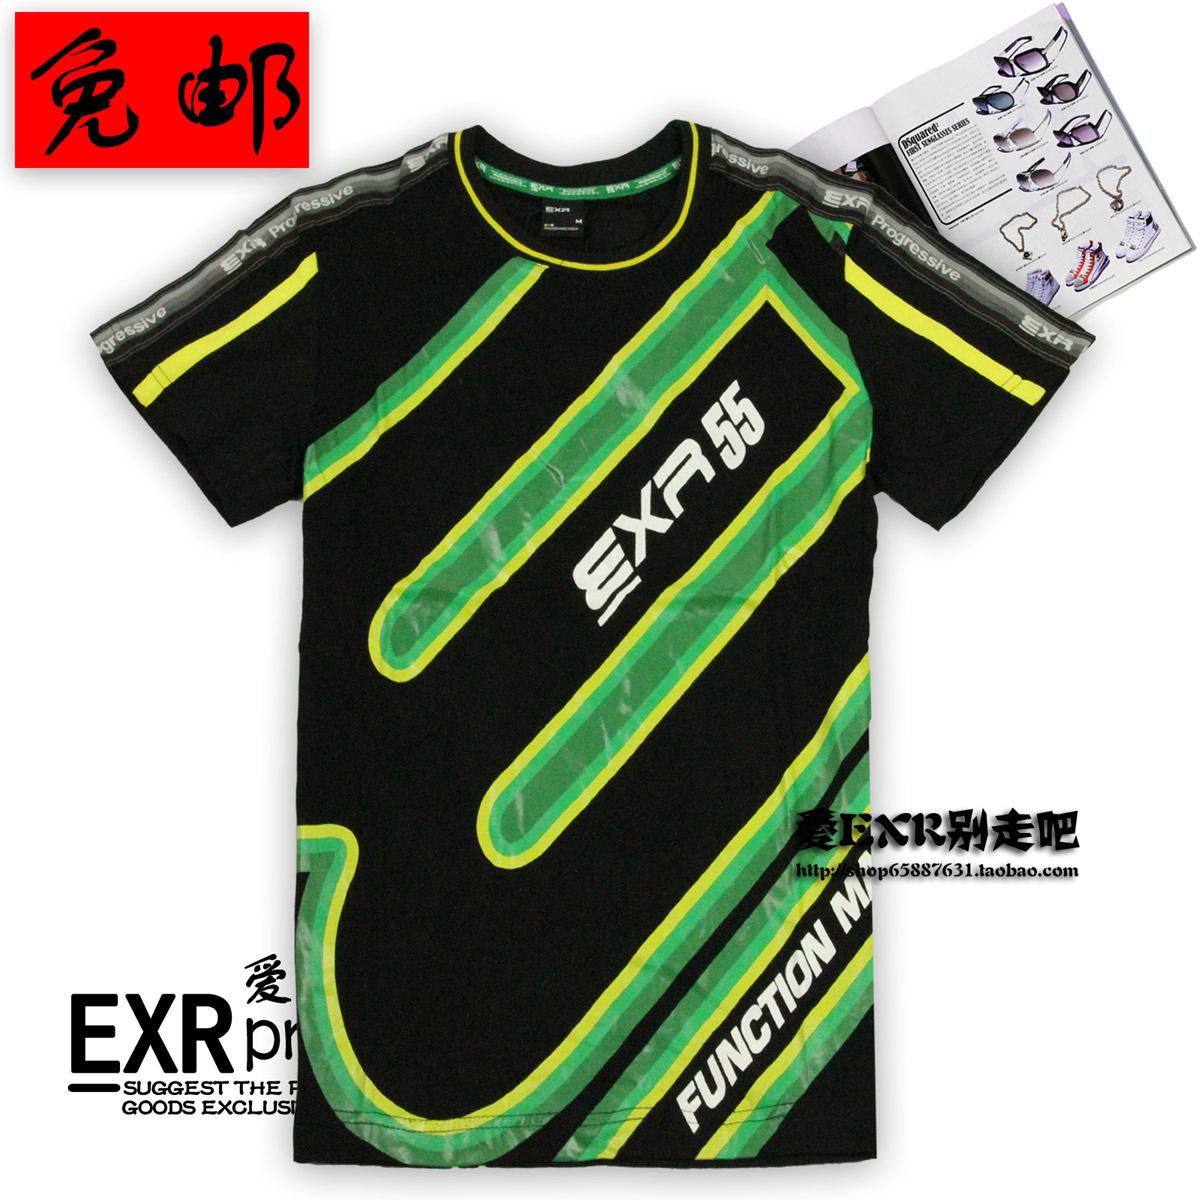 Спортивная футболка EXR 159 159A Стандартный Воротник-стойка Короткие рукава ( ≧35cm ) Полиэстер Спорт и отдых Влагопоглощающая функция, Защита от UV, Быстросохнущие, Ультралегкий, Воздухопроницаемые Эмблемы, Линейная, С логотипом бренда, Дизайн, С надписями